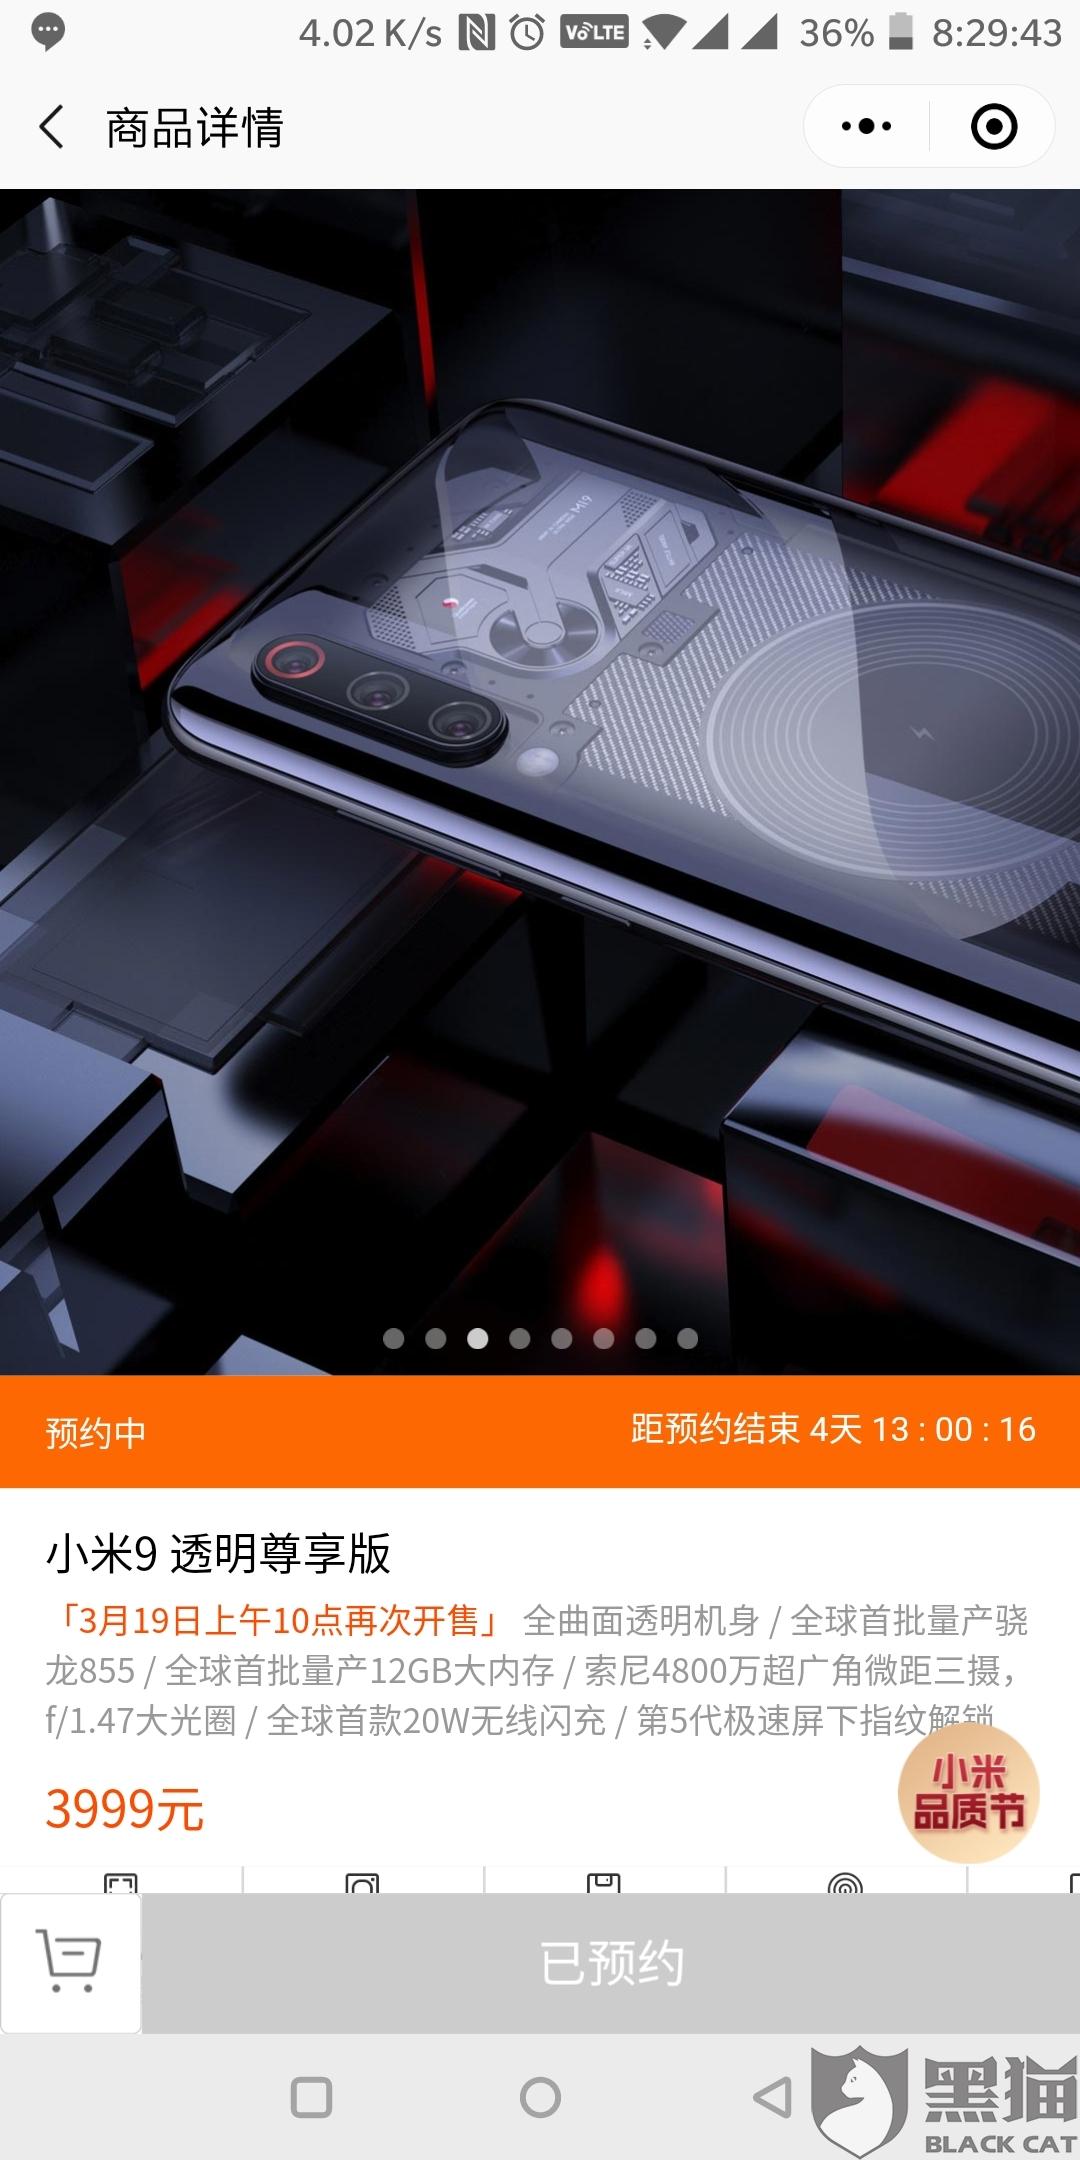 黑猫投诉:【虚假宣传】手机预约抢购时间与实